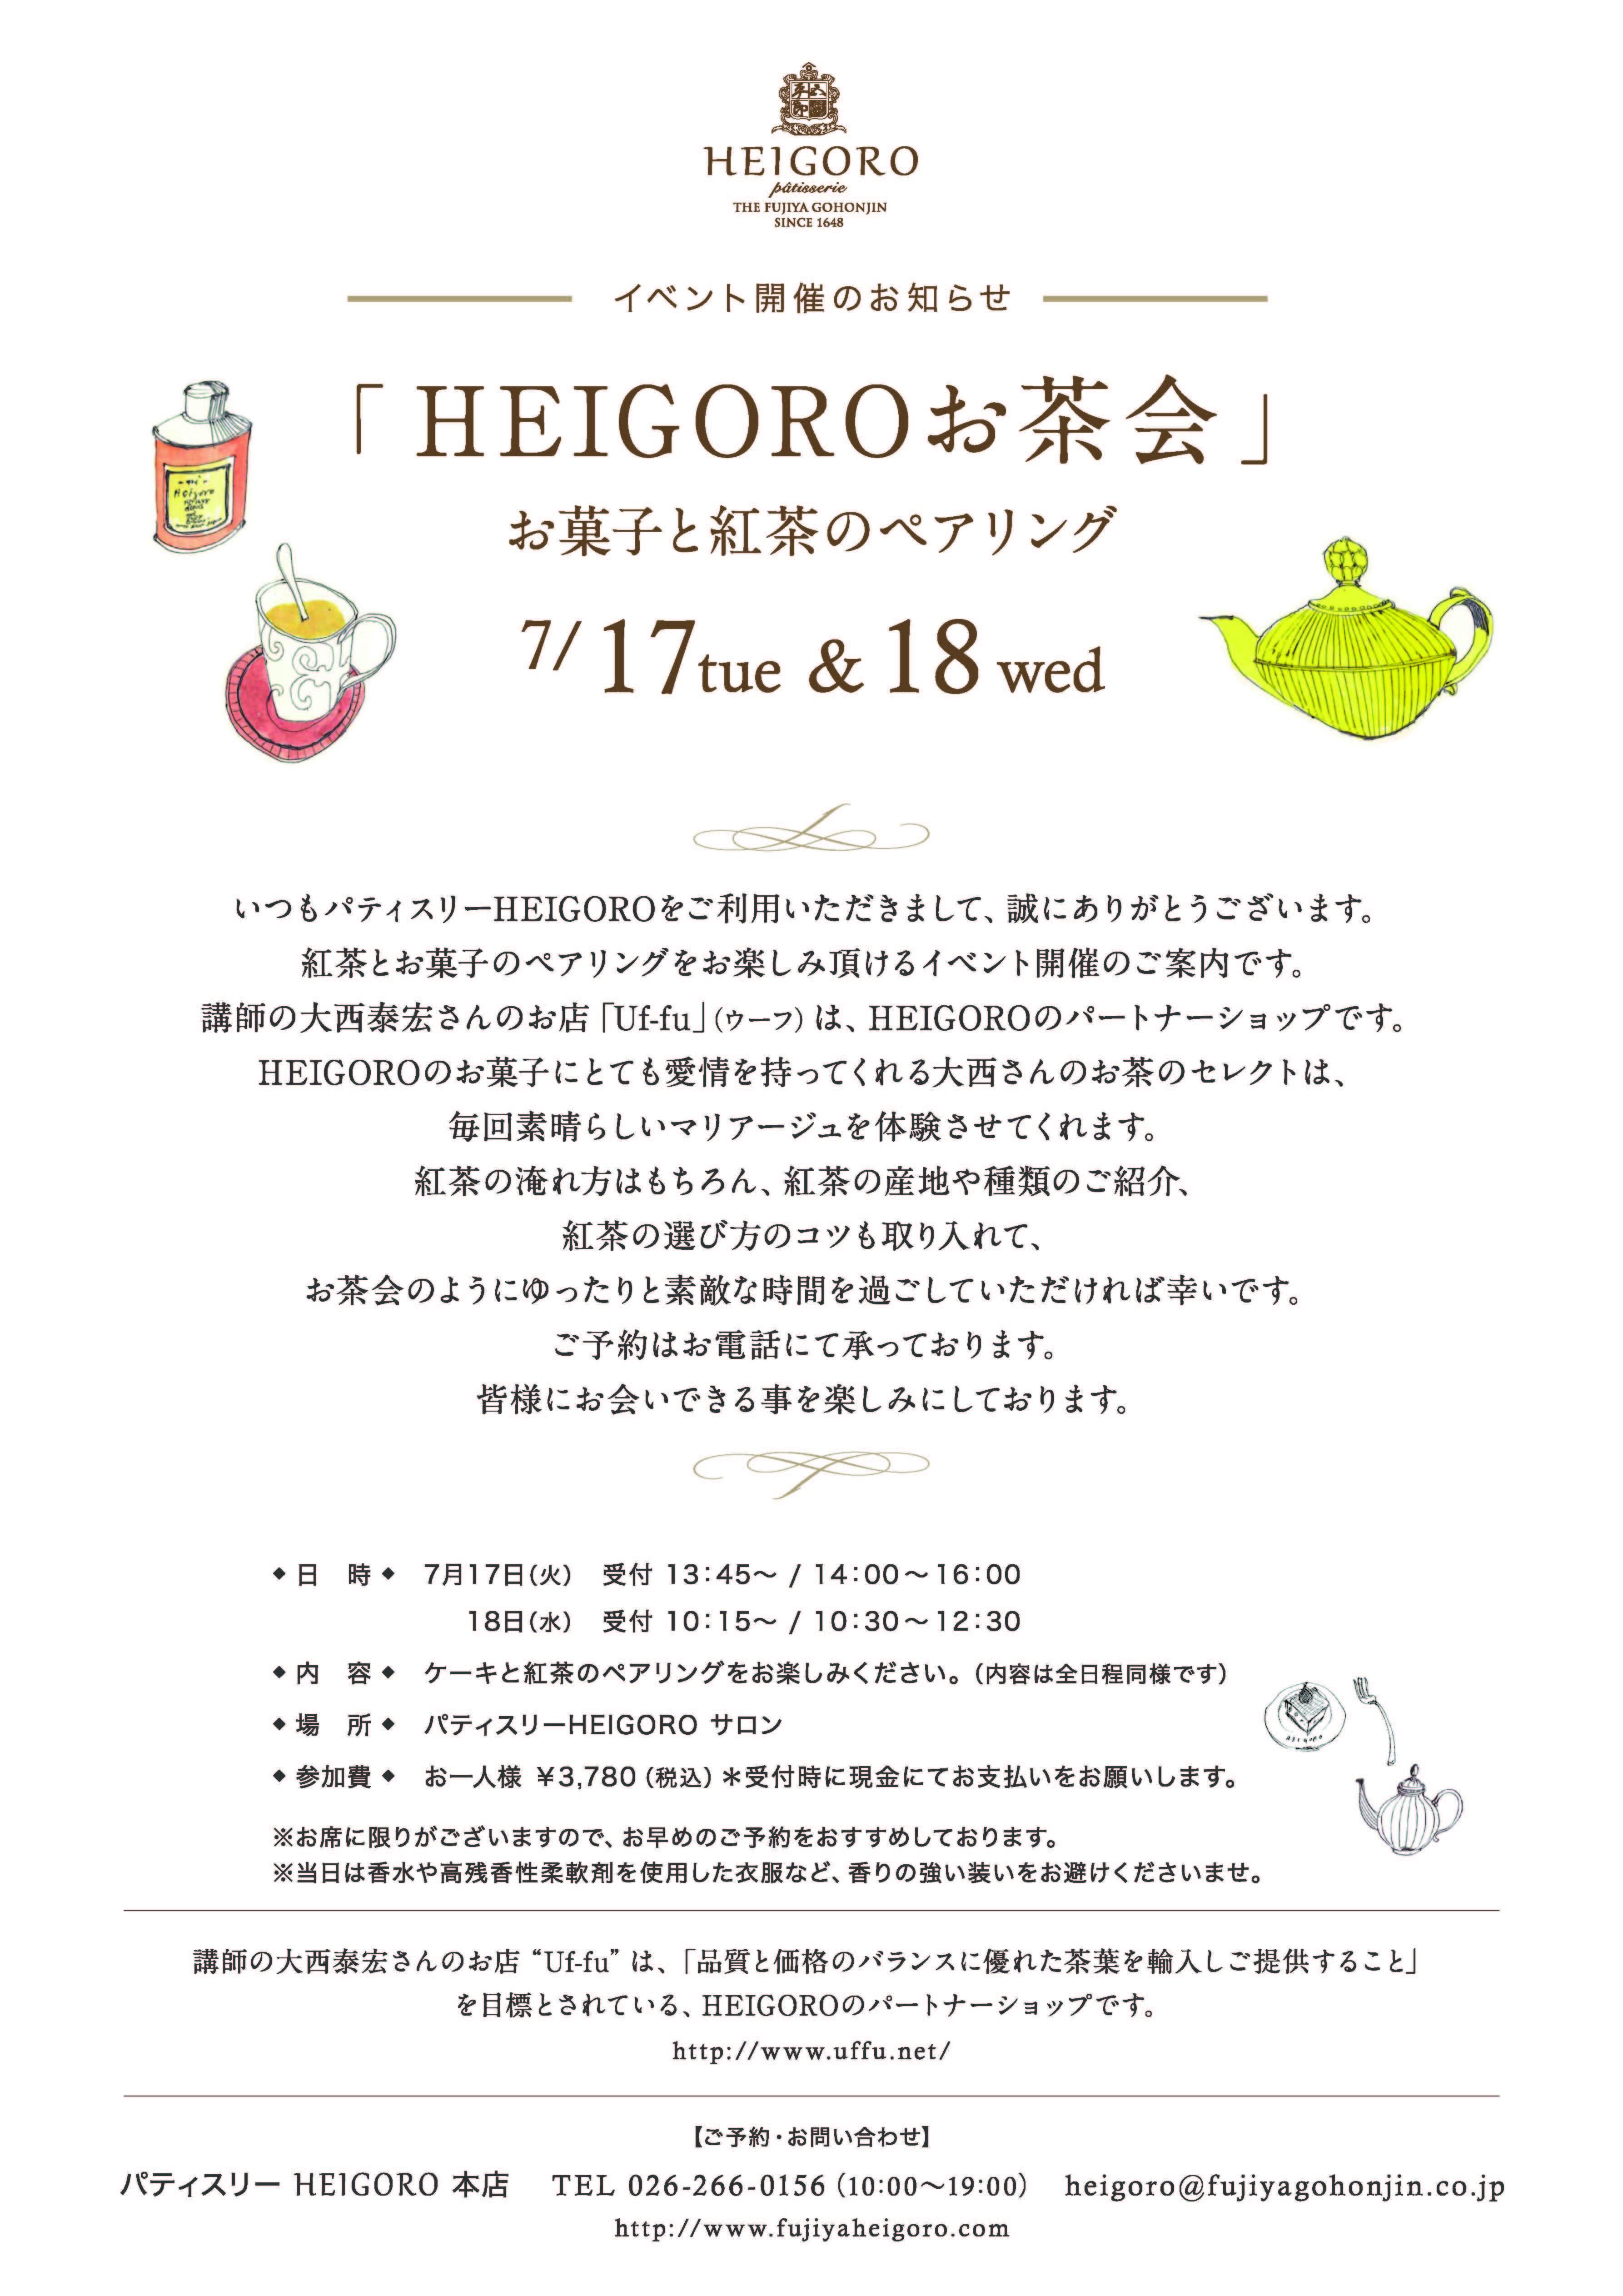 紅茶セミナー開催のお知らせ